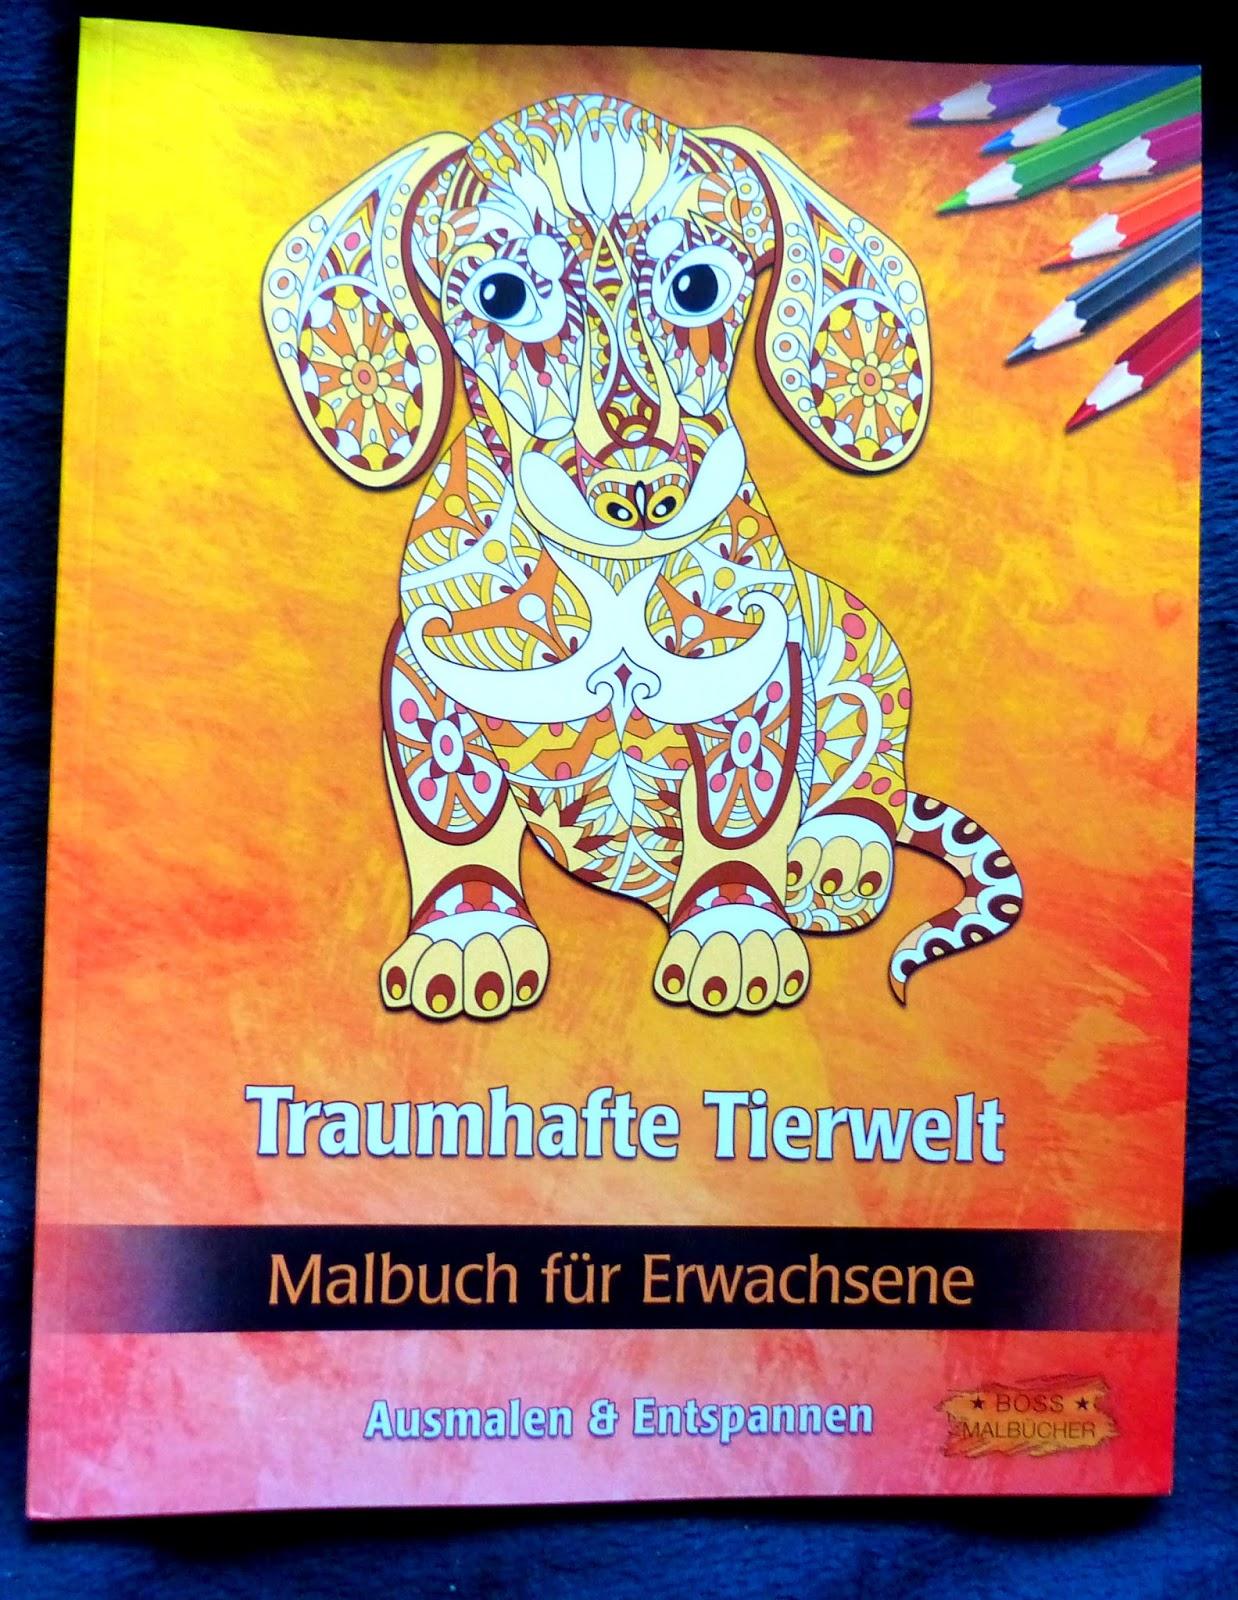 Lucy-und-Rasselbande-Testet: Traumhafte Tierwelt: Malbuch für Erwachsene